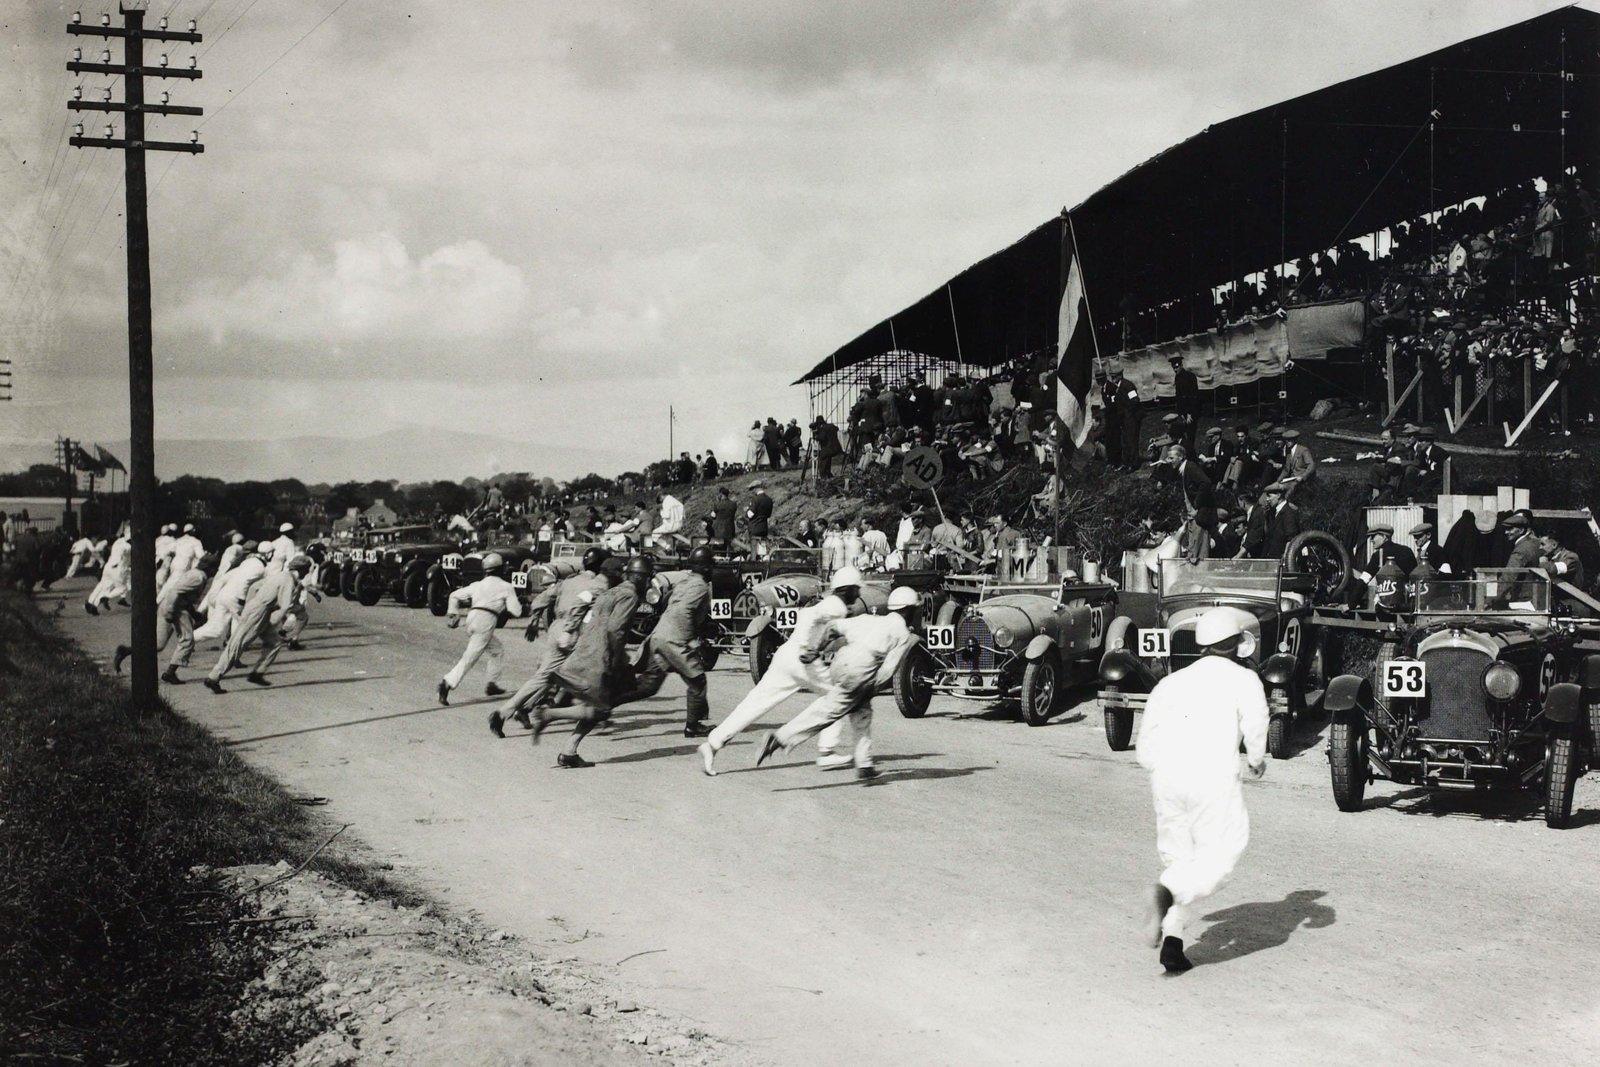 Tarihin ilk motorlu taşıtlar yarışları